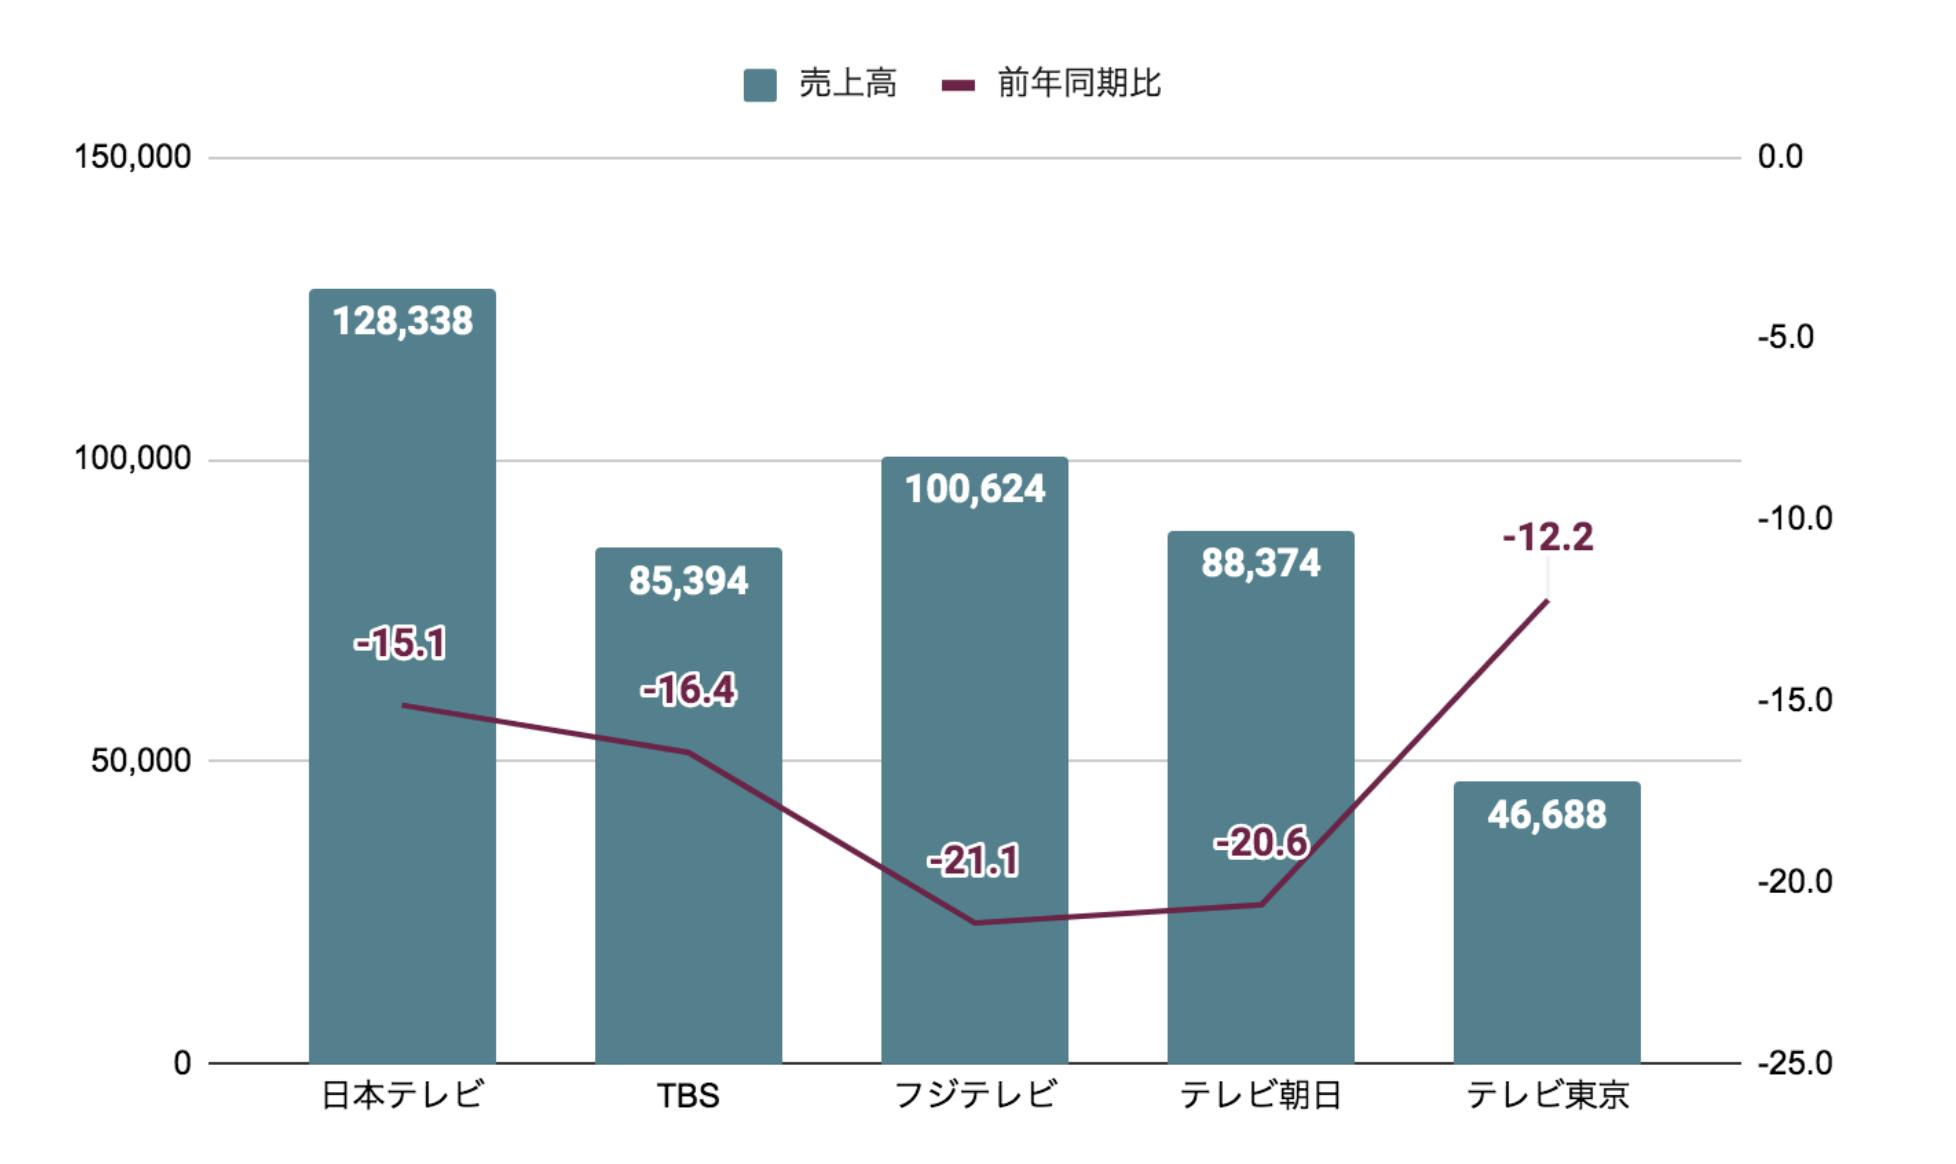 テレビ5社 2020年上半期決算